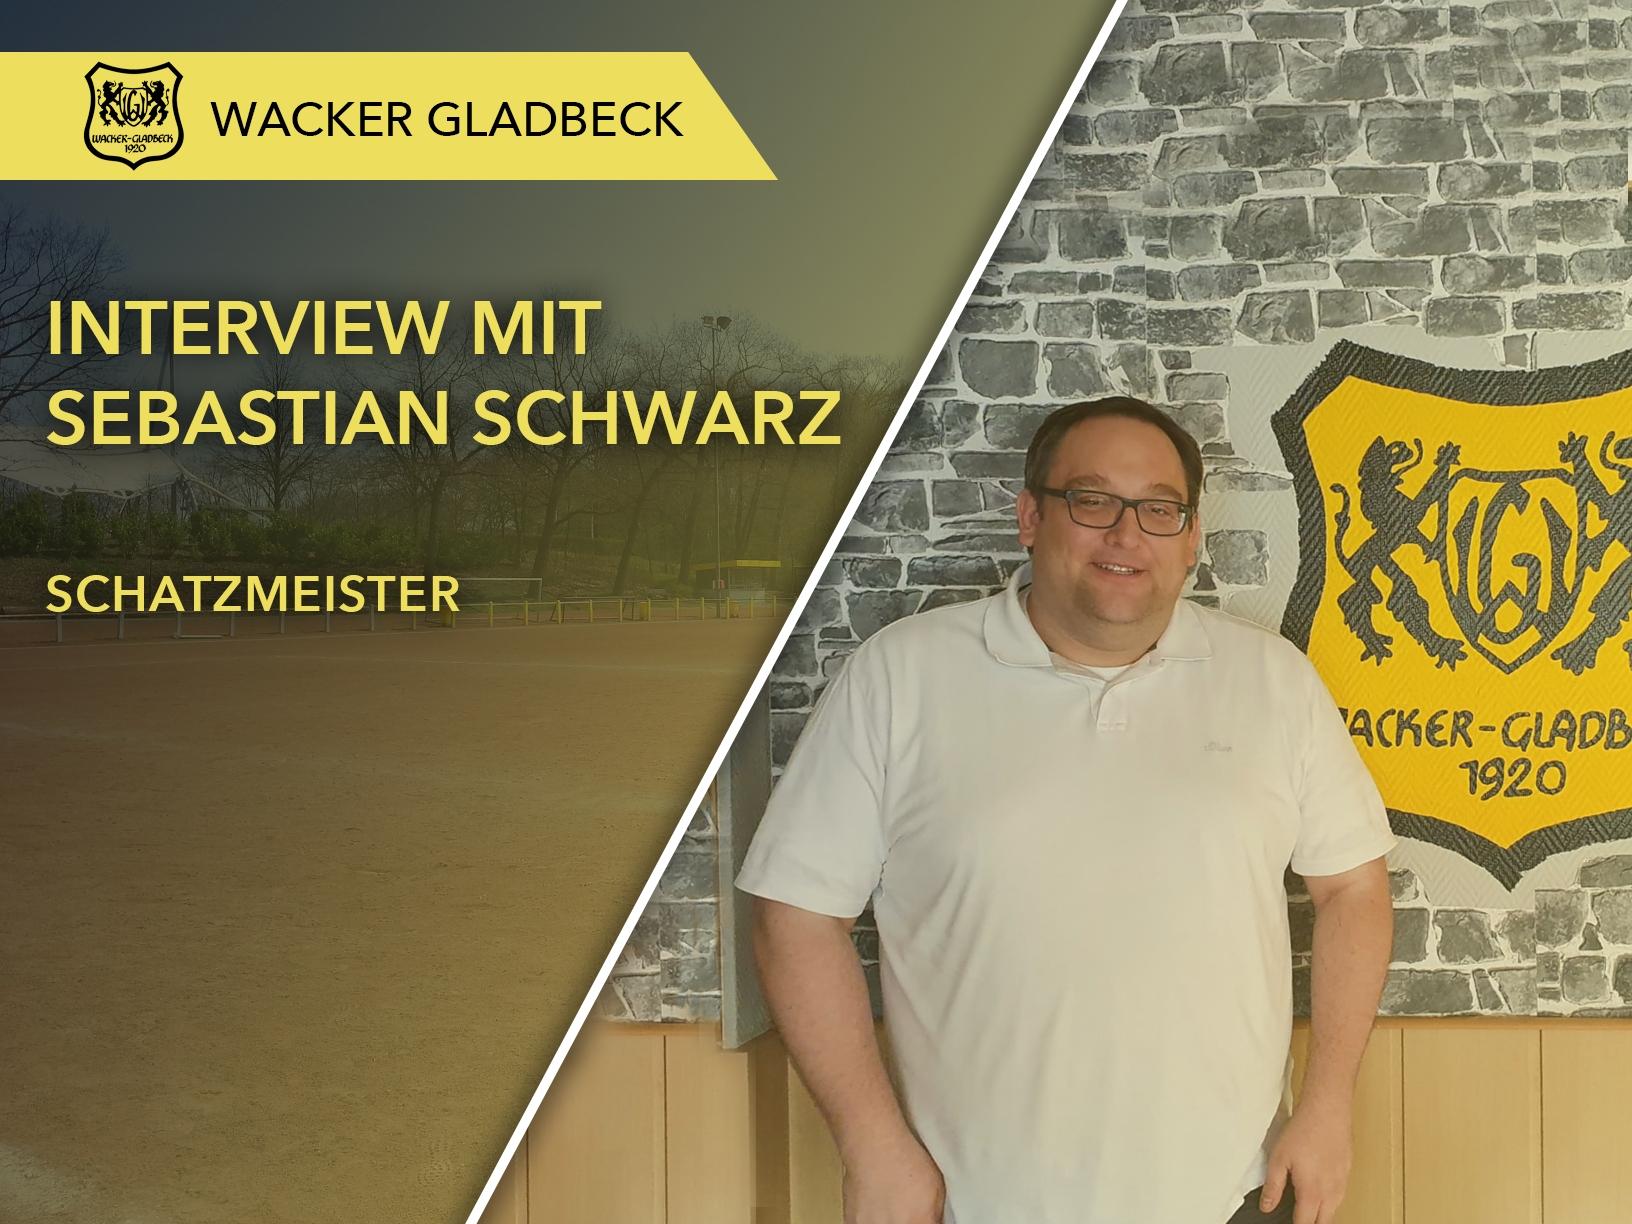 Wacker Gladbeck - Interview mit Schatzmeister Sebastian Schwarz